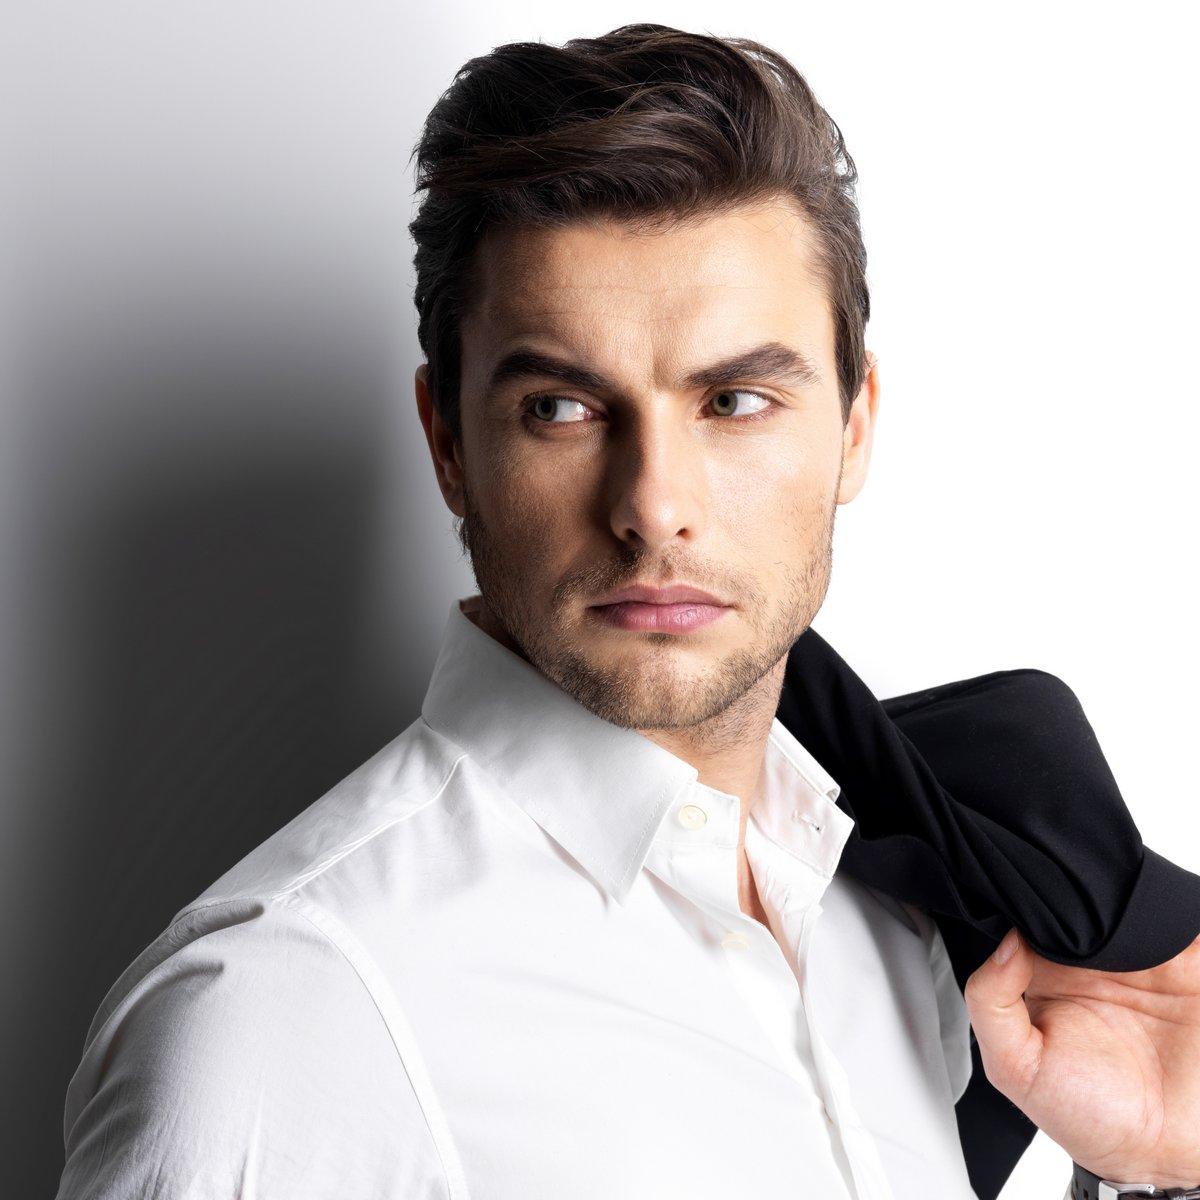 Постер Салон красоты Модный молодой человек в белой рубашке держит черный пиджакСалон красоты<br>Постер на холсте или бумаге. Любого нужного вам размера. В раме или без. Подвес в комплекте. Трехслойная надежная упаковка. Доставим в любую точку России. Вам осталось только повесить картину на стену!<br>